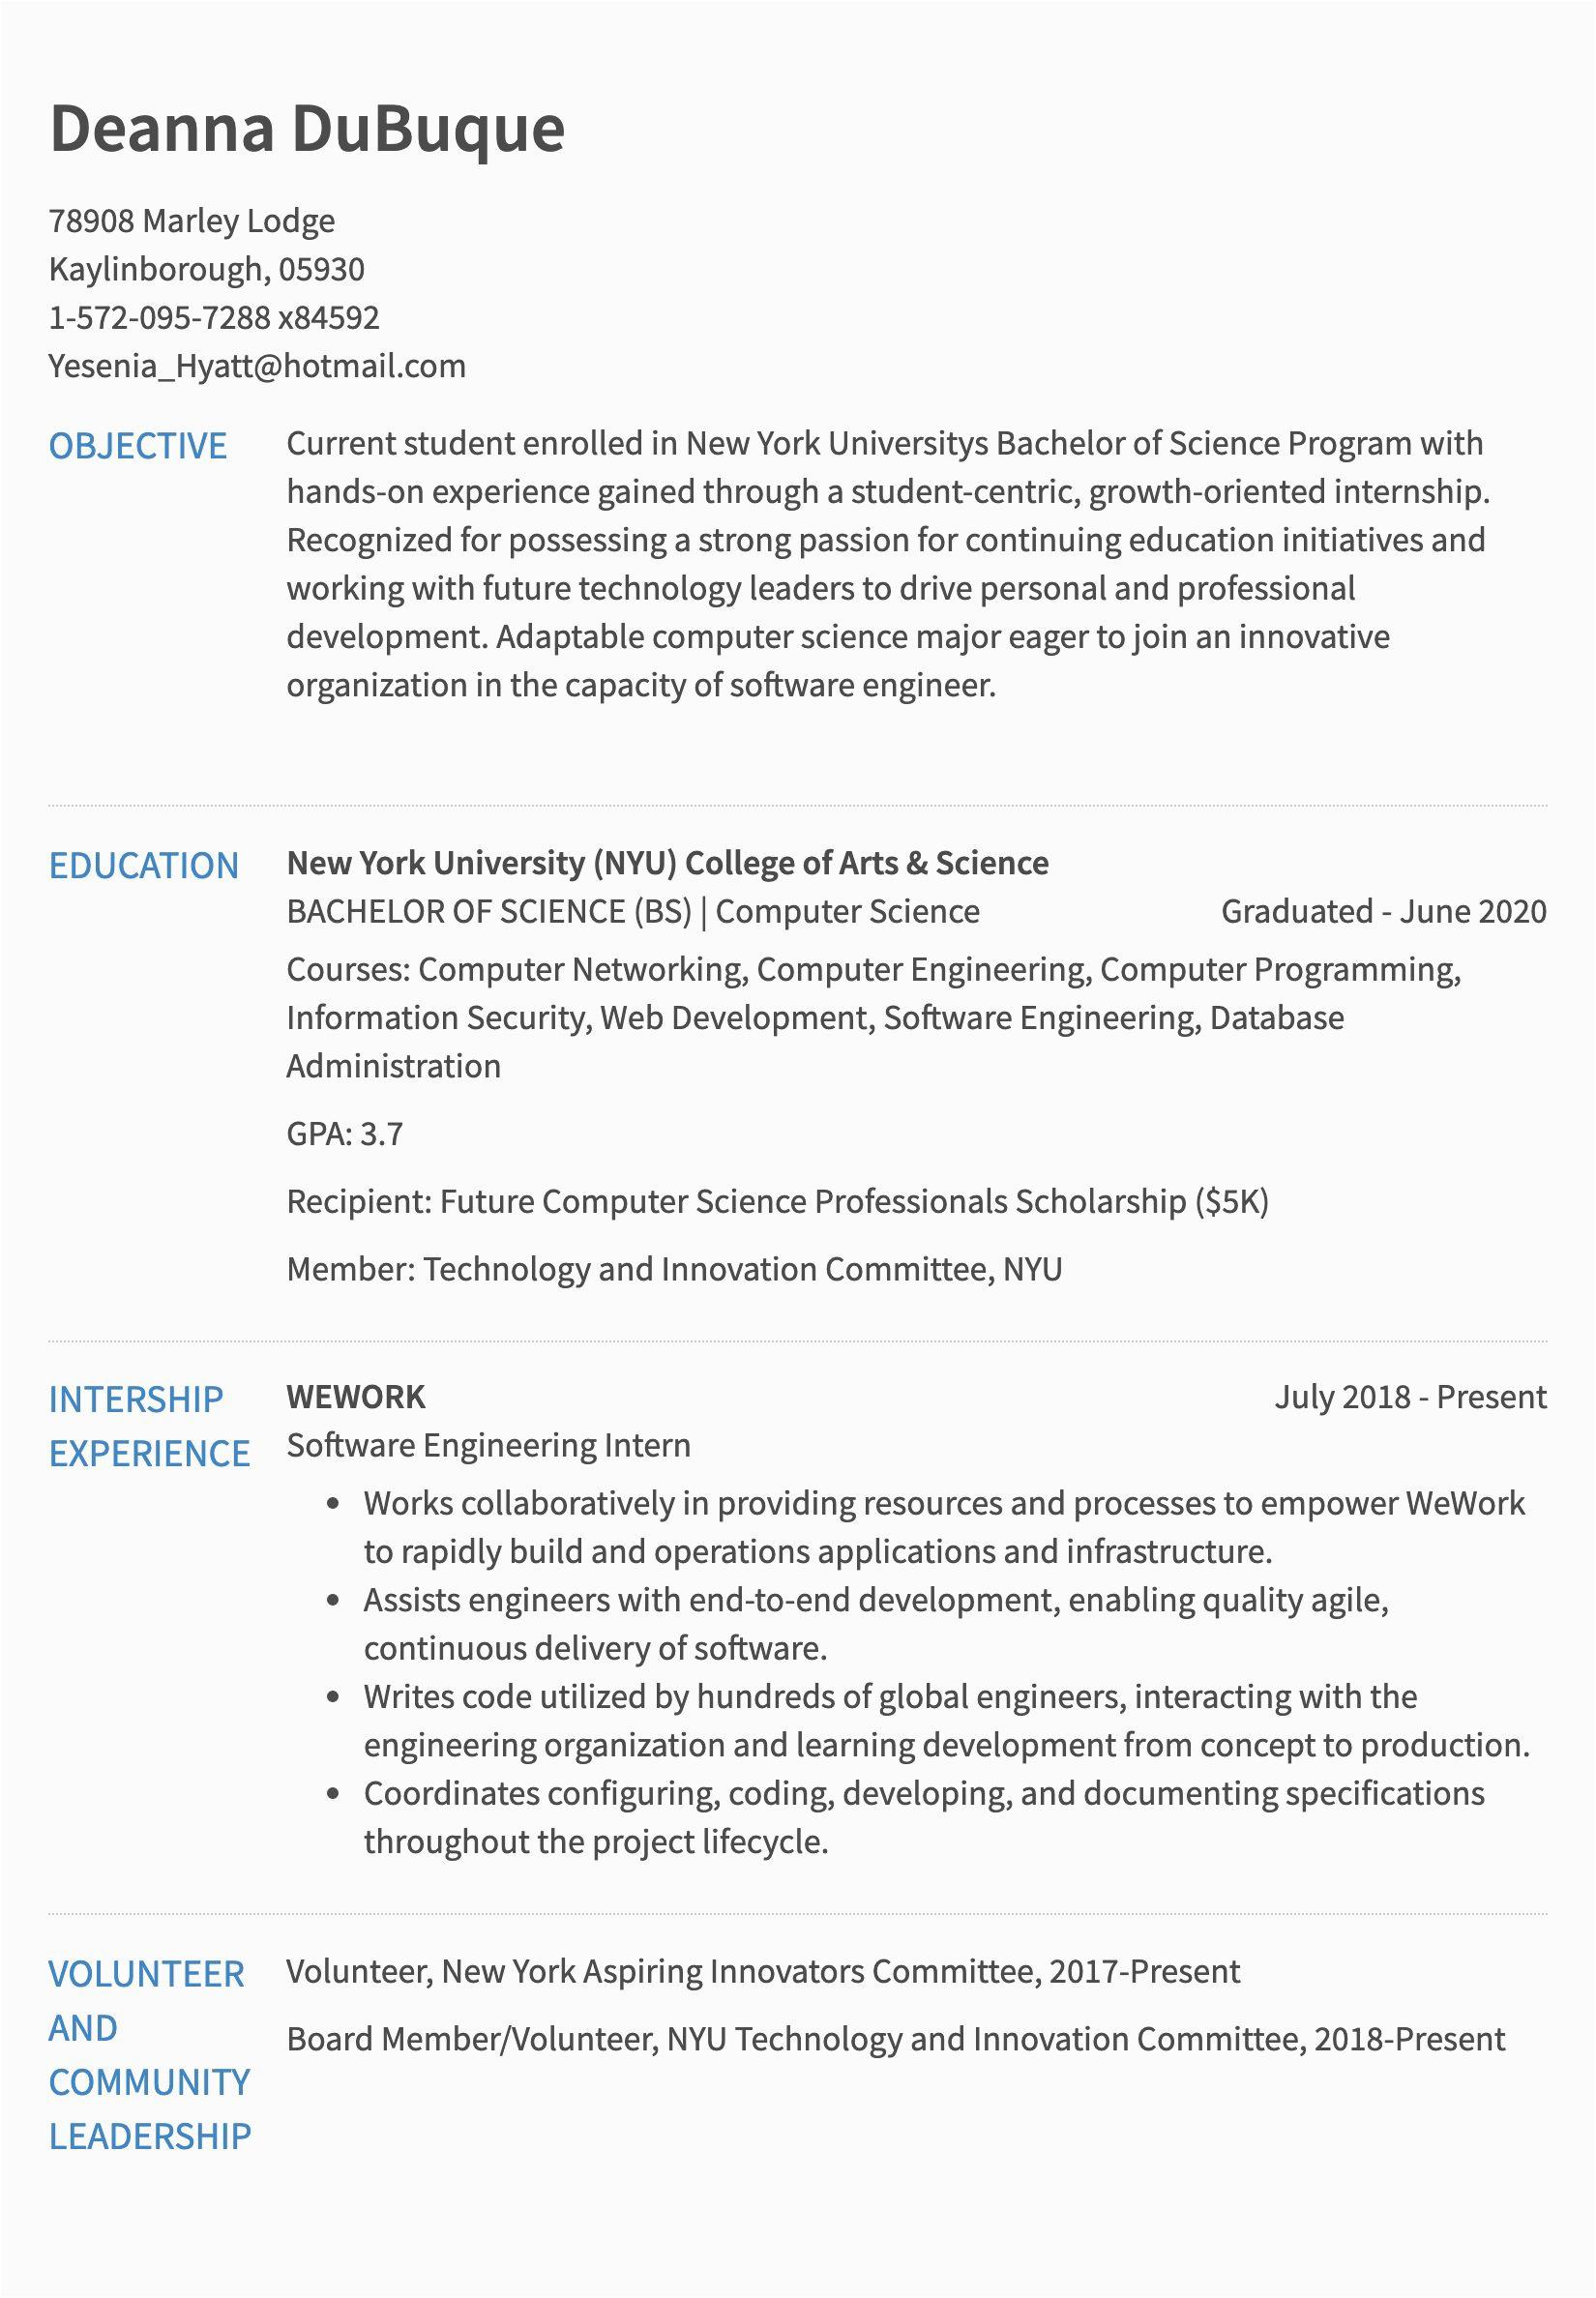 engineering intern resume examples